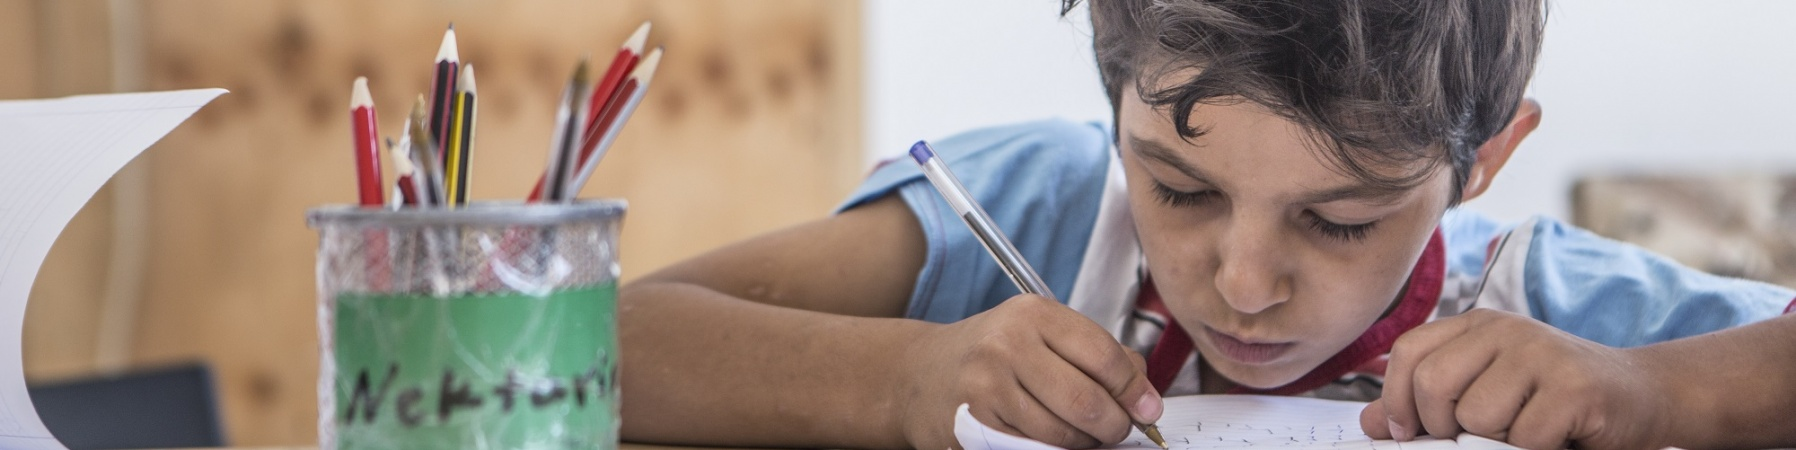 Bambino siriano fa i compiti al banco di scuola